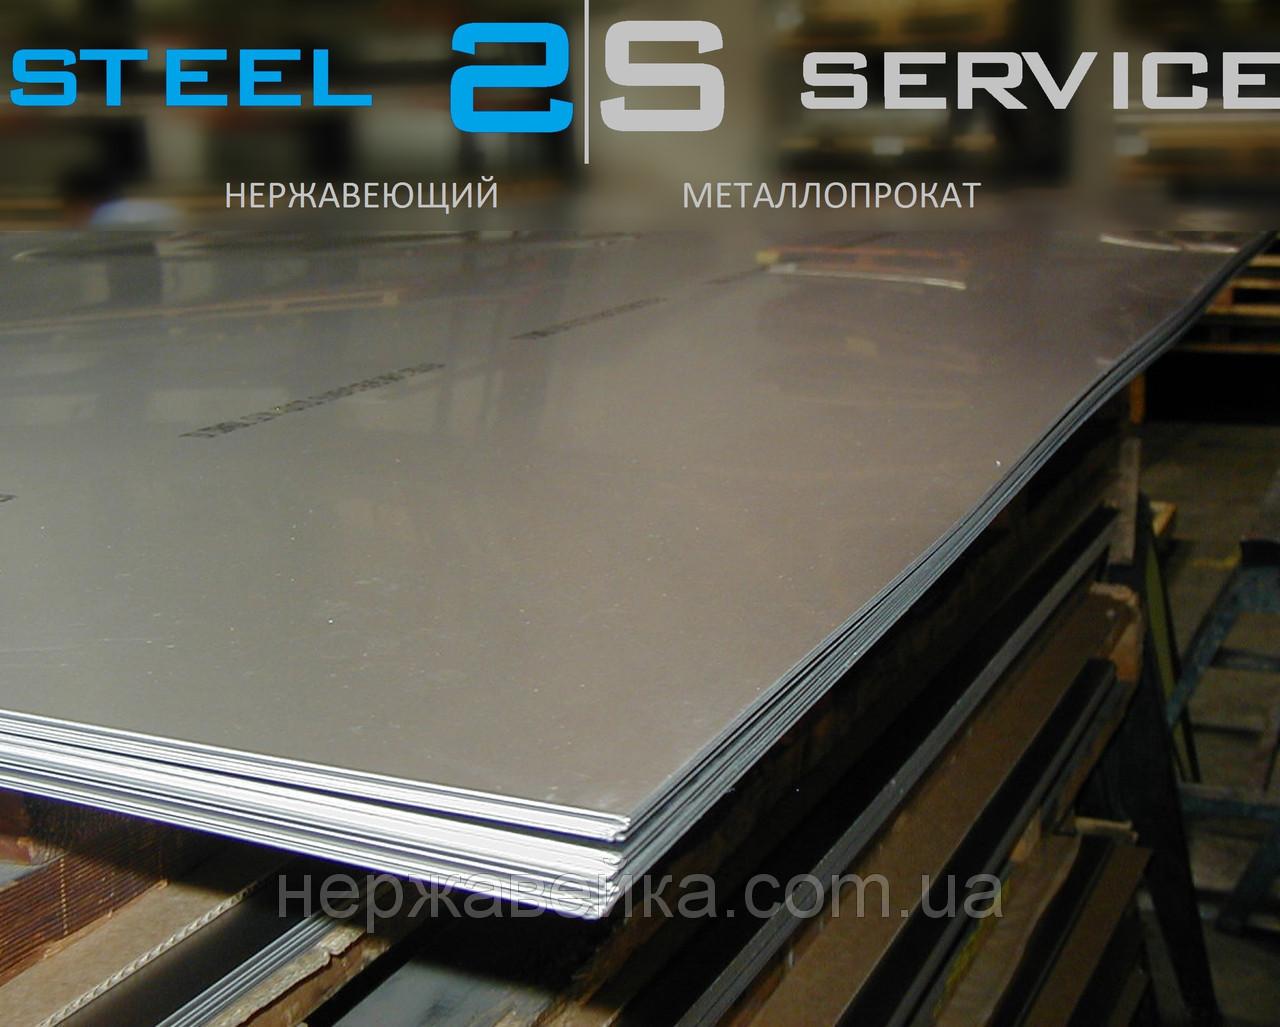 Нержавеющий лист 8х1500х6000мм AISI 410S(08Х13) F1 - горячекатанный, технический